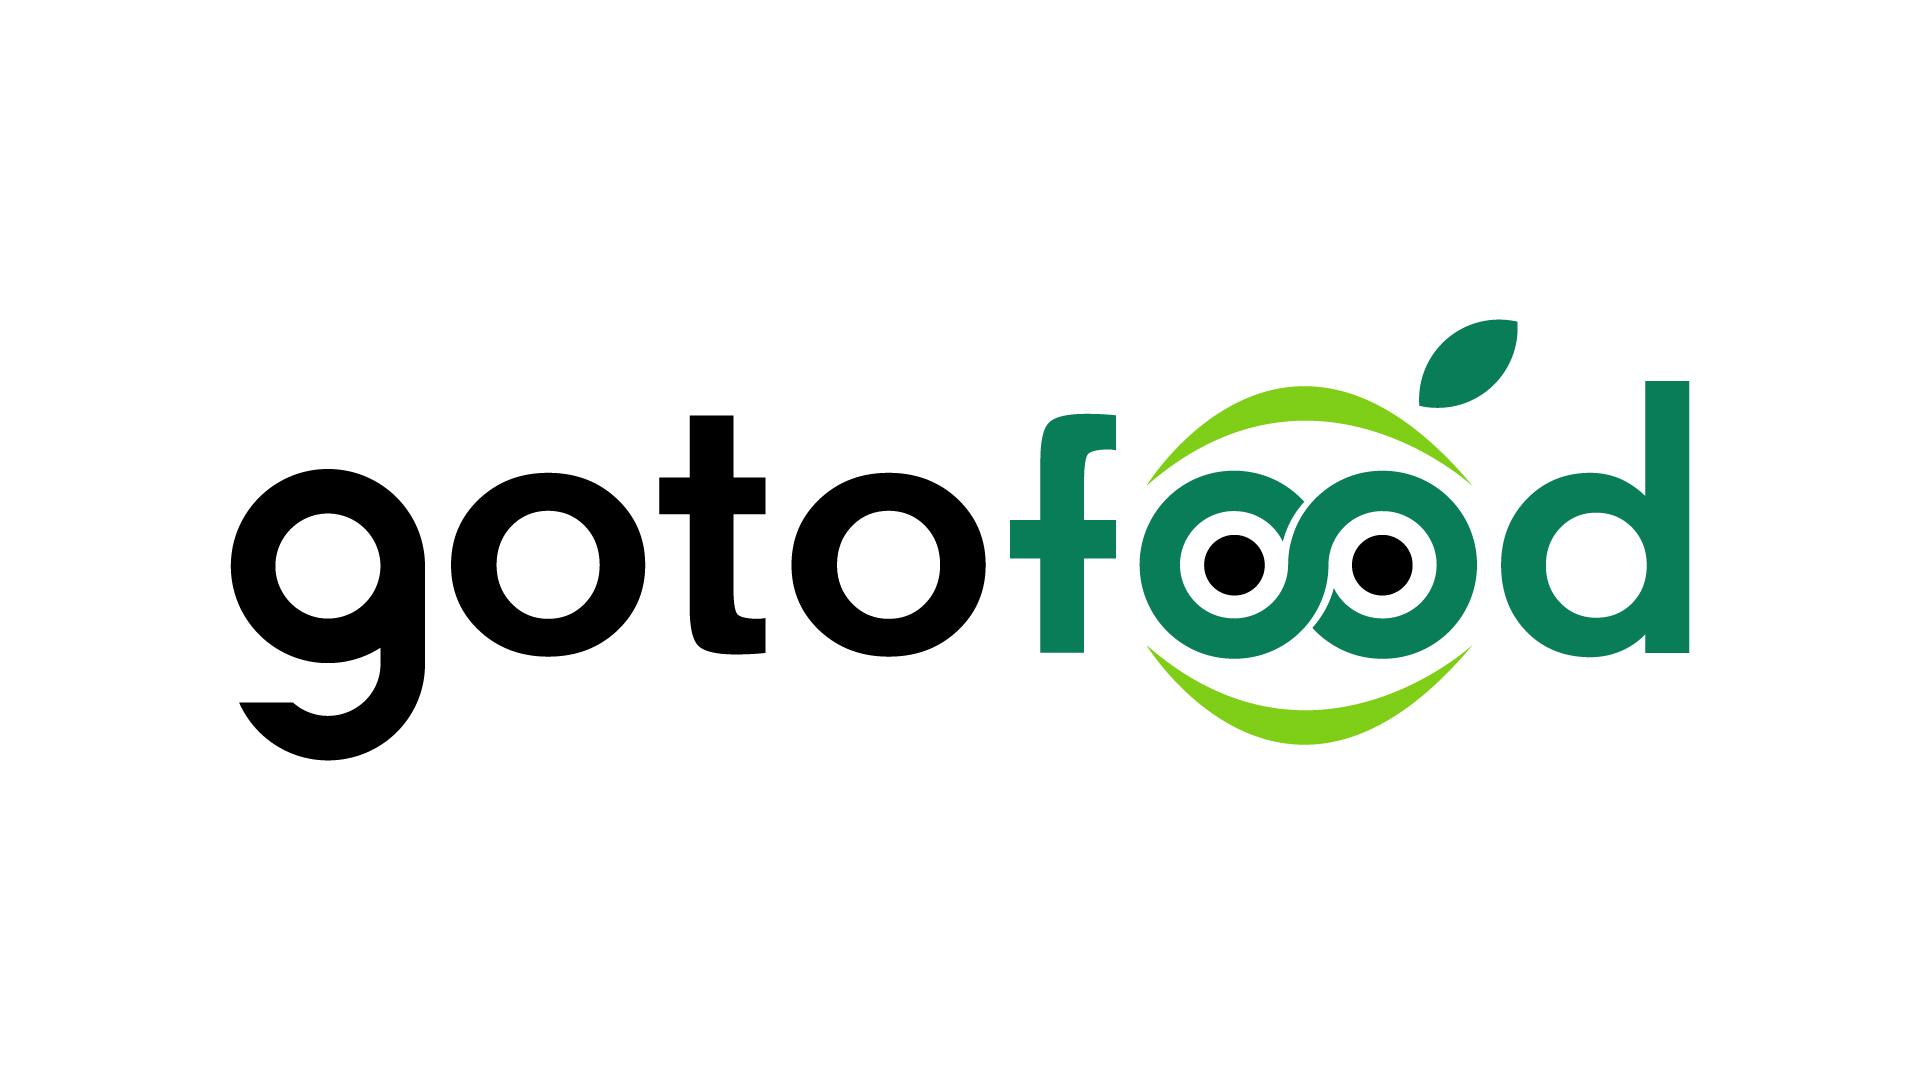 Логотип интернет-магазина здоровой еды фото f_1765cd43487cfe73.jpg